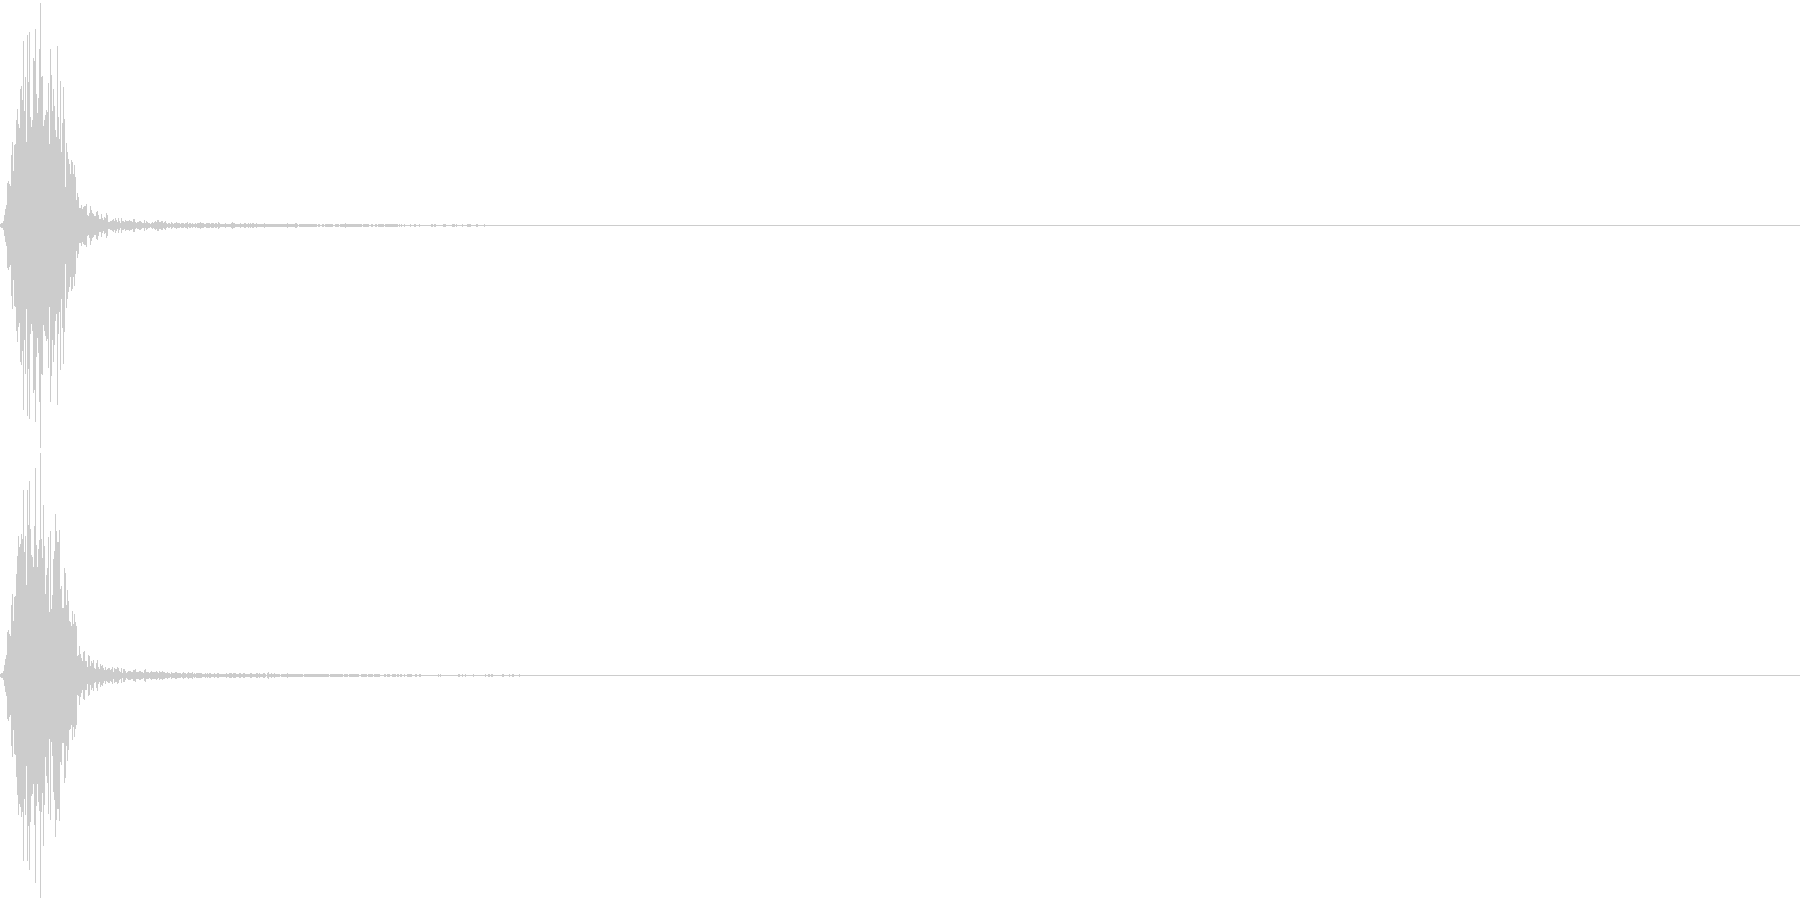 KAKUGE 格闘ゲーム戦闘音 28の未再生の波形